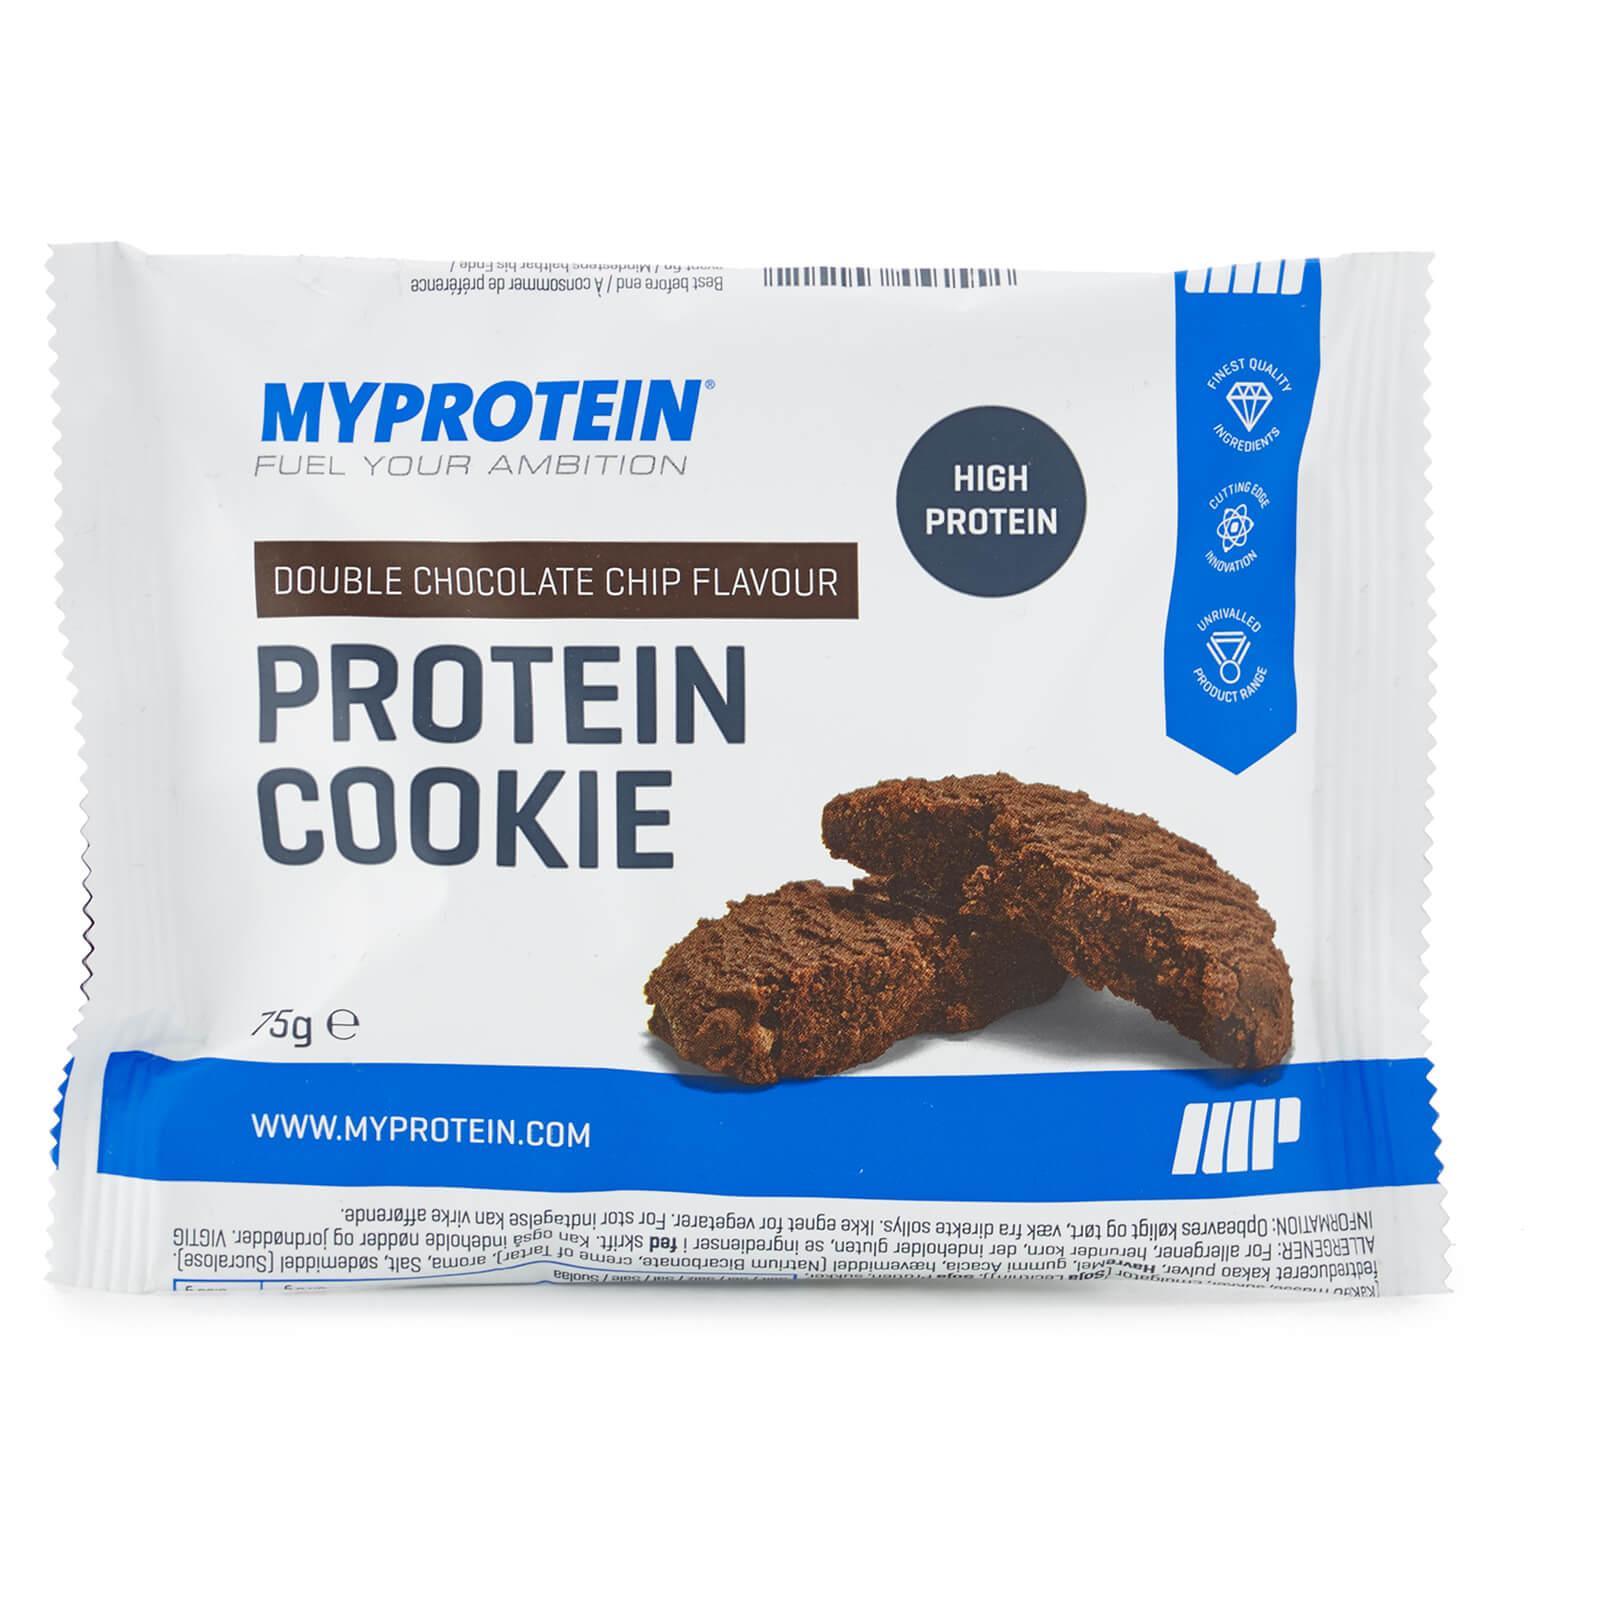 Myprotein Protein Cookie (näyte) - 75g - Cookies & Cream